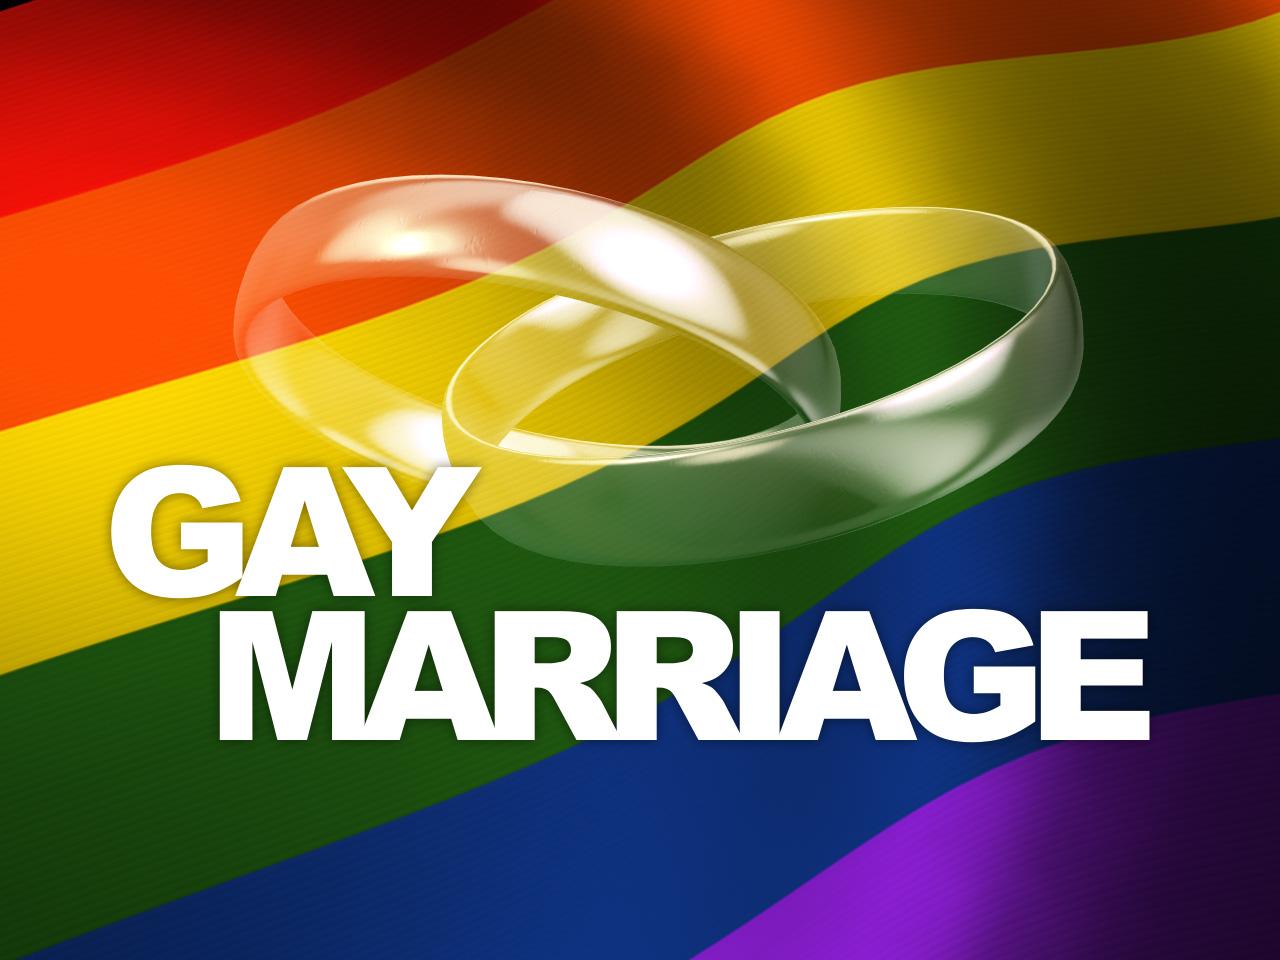 Branch judicial marriage sex foto 434